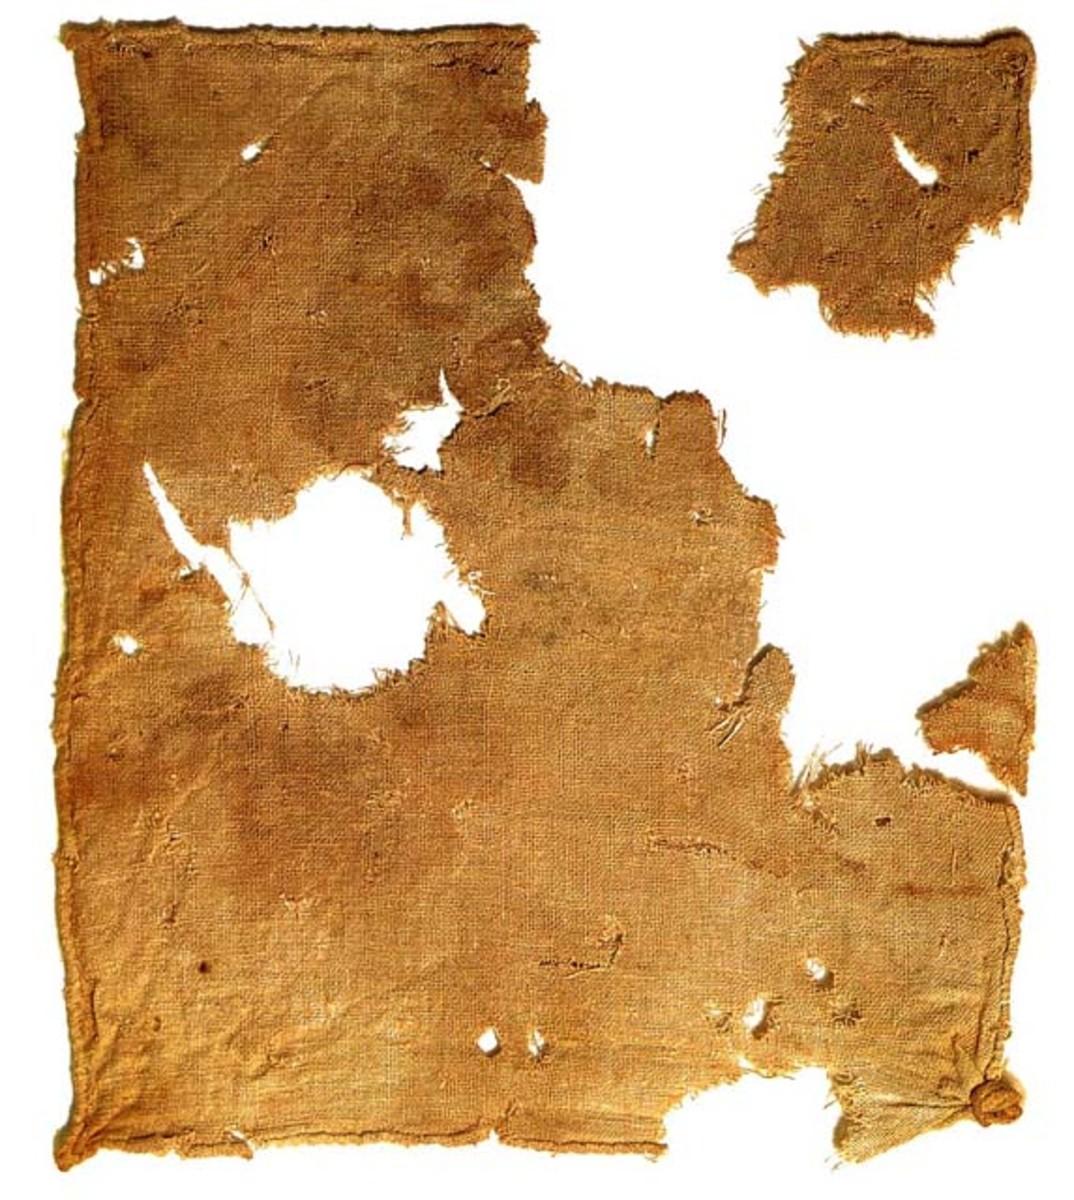 Abishag-King David's Bedwarmer